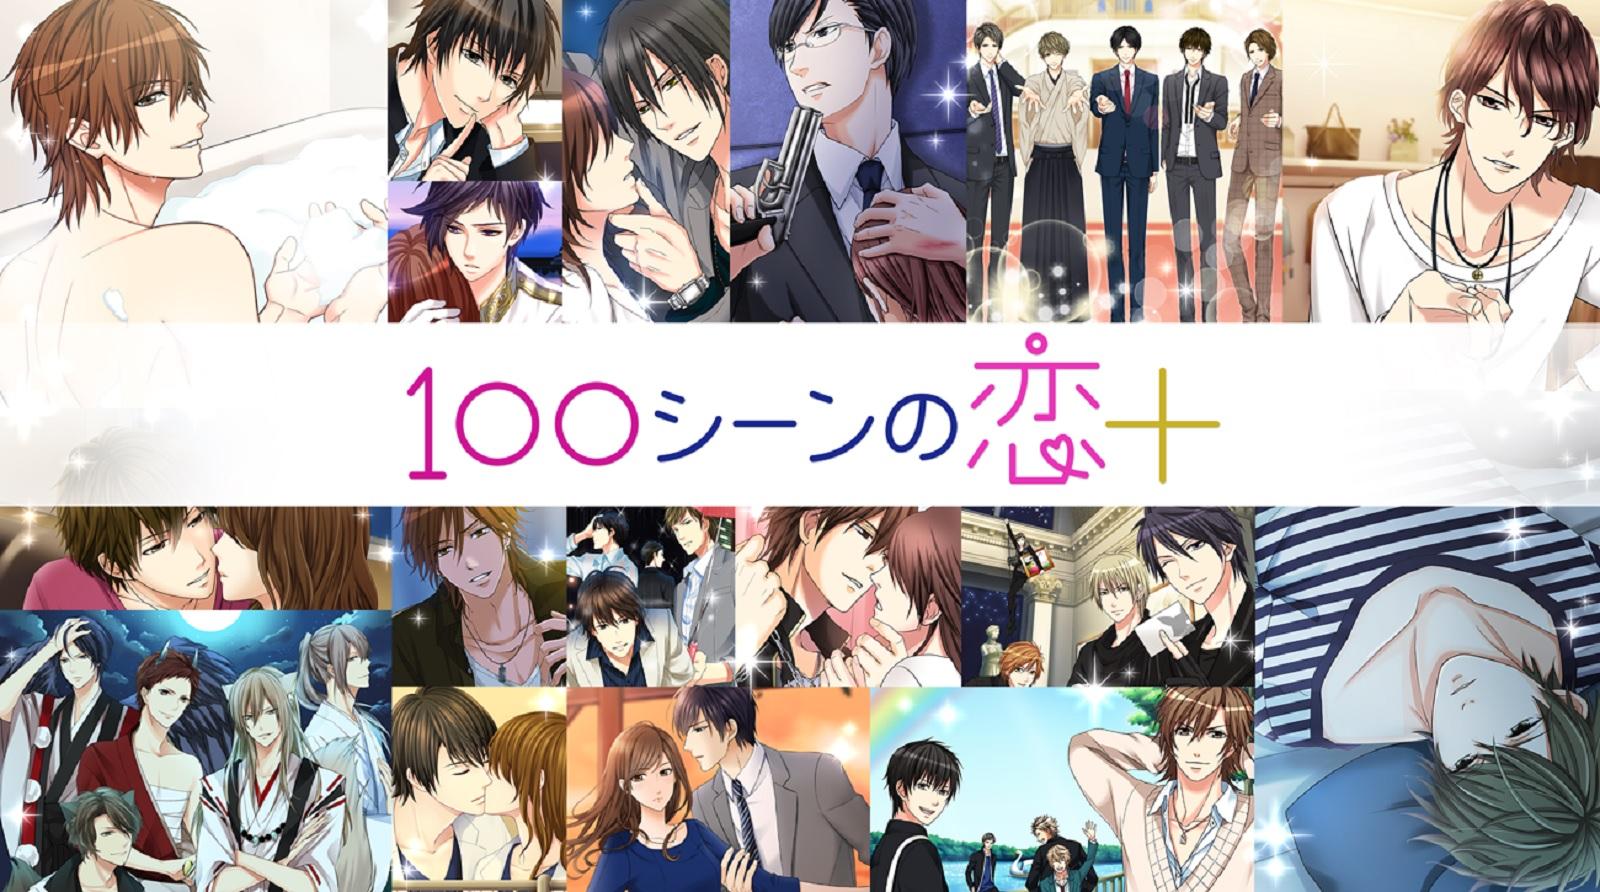 100シーンの恋+、恋愛ストーリーだけ読みなら超オススメアプリ